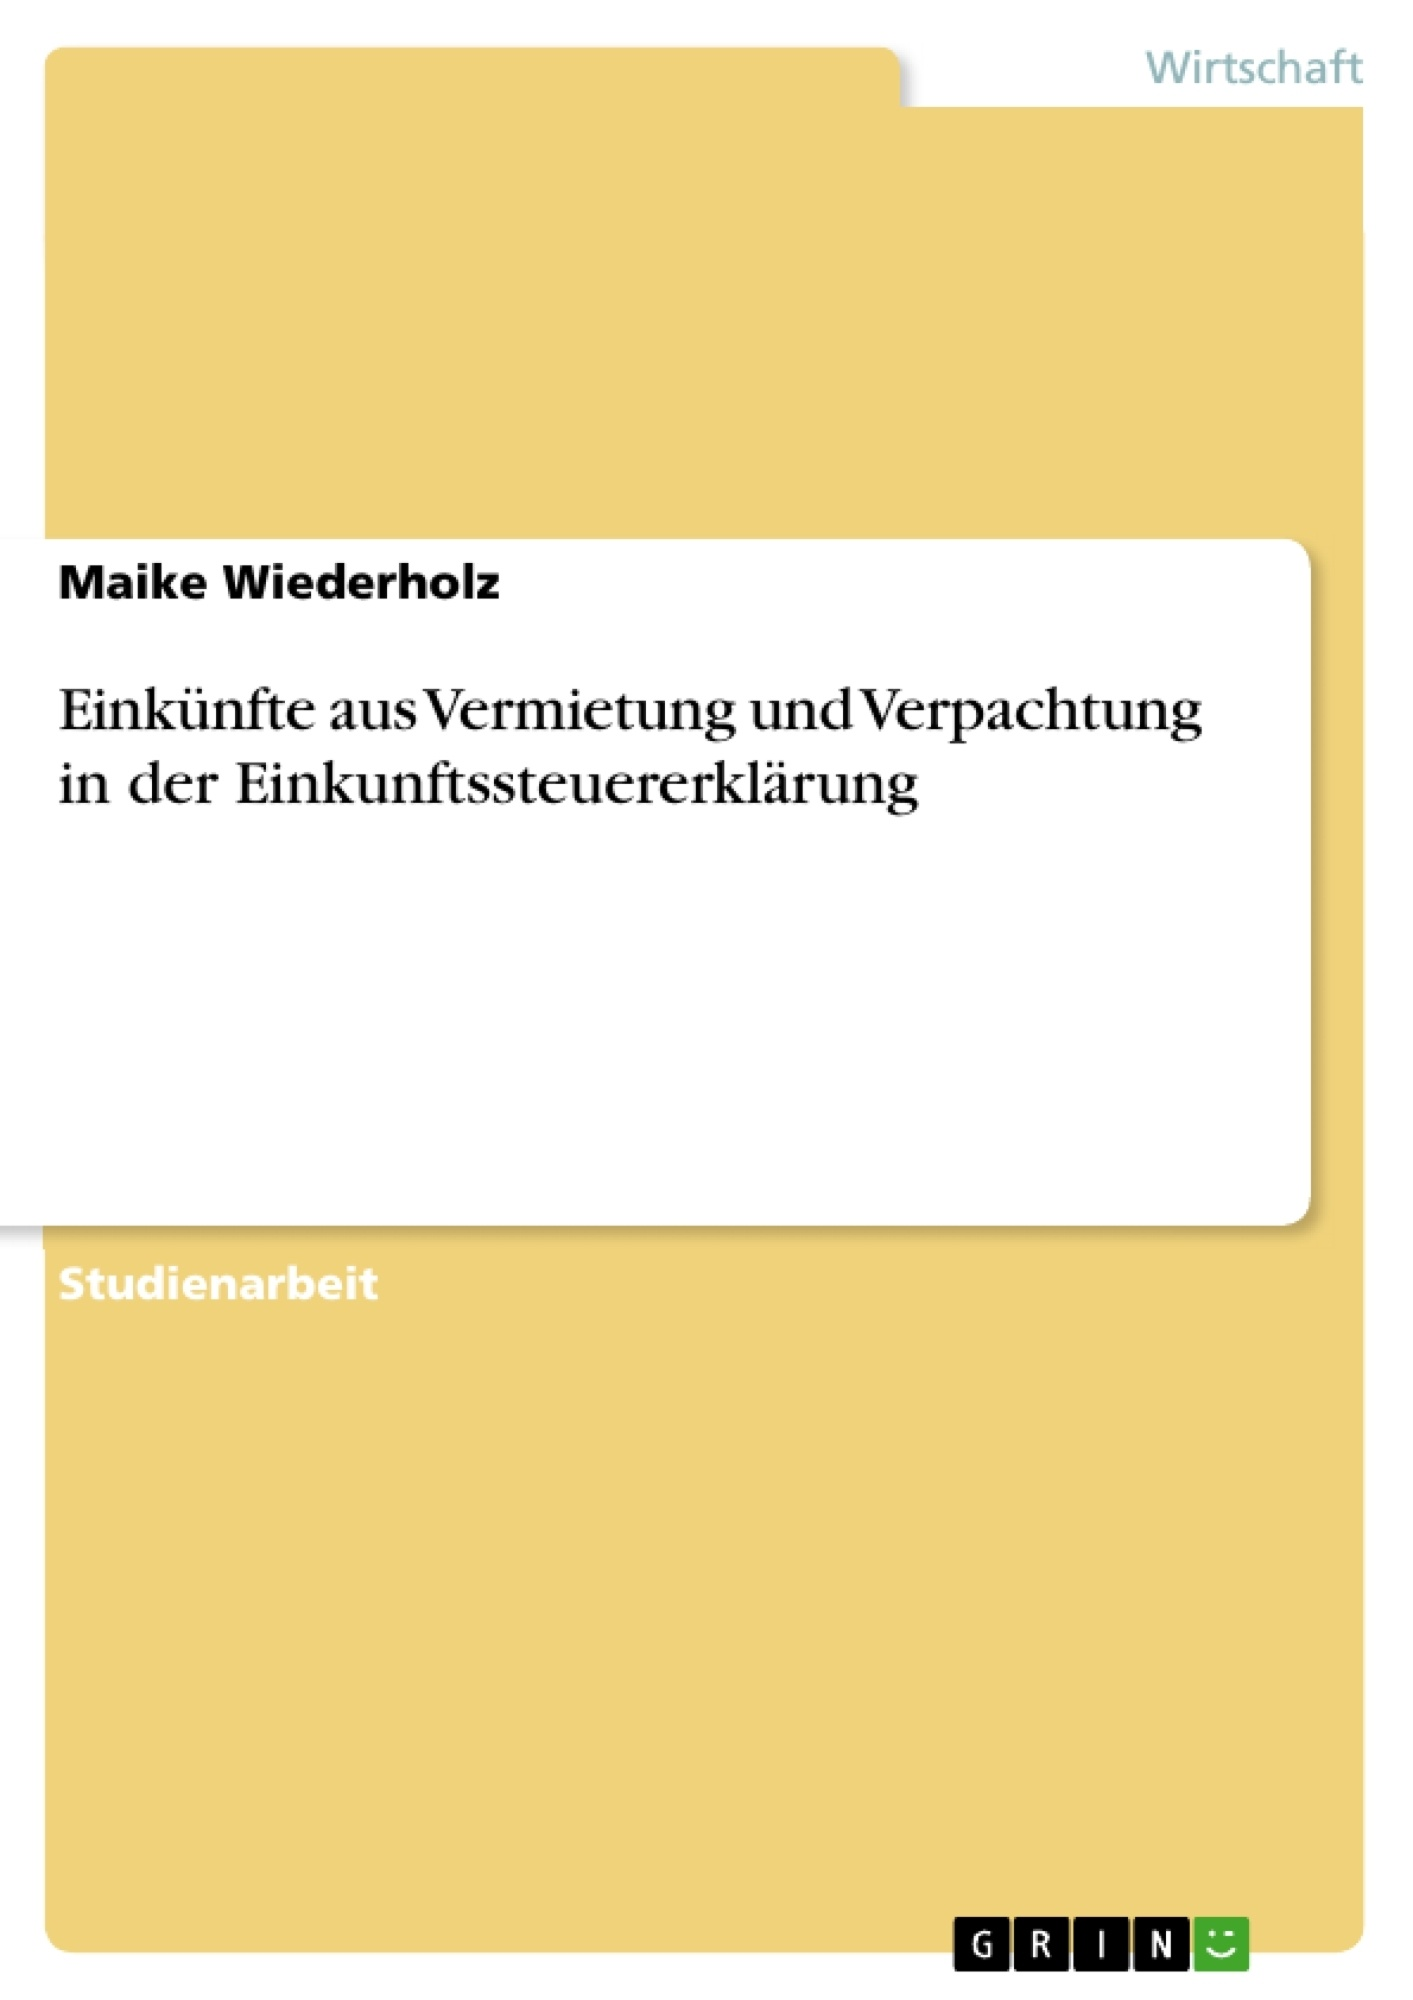 Titel: Einkünfte aus Vermietung und Verpachtung in der Einkunftssteuererklärung